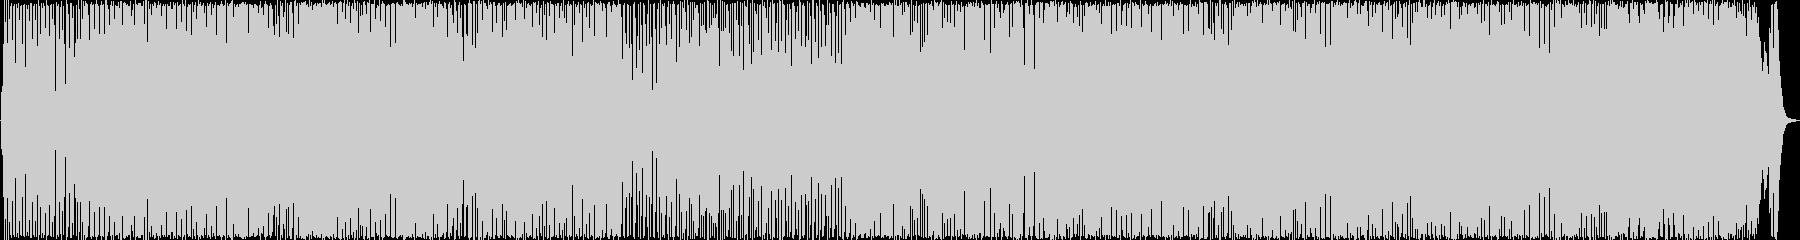 シャッフルリズムが印象的な明るいロックの未再生の波形